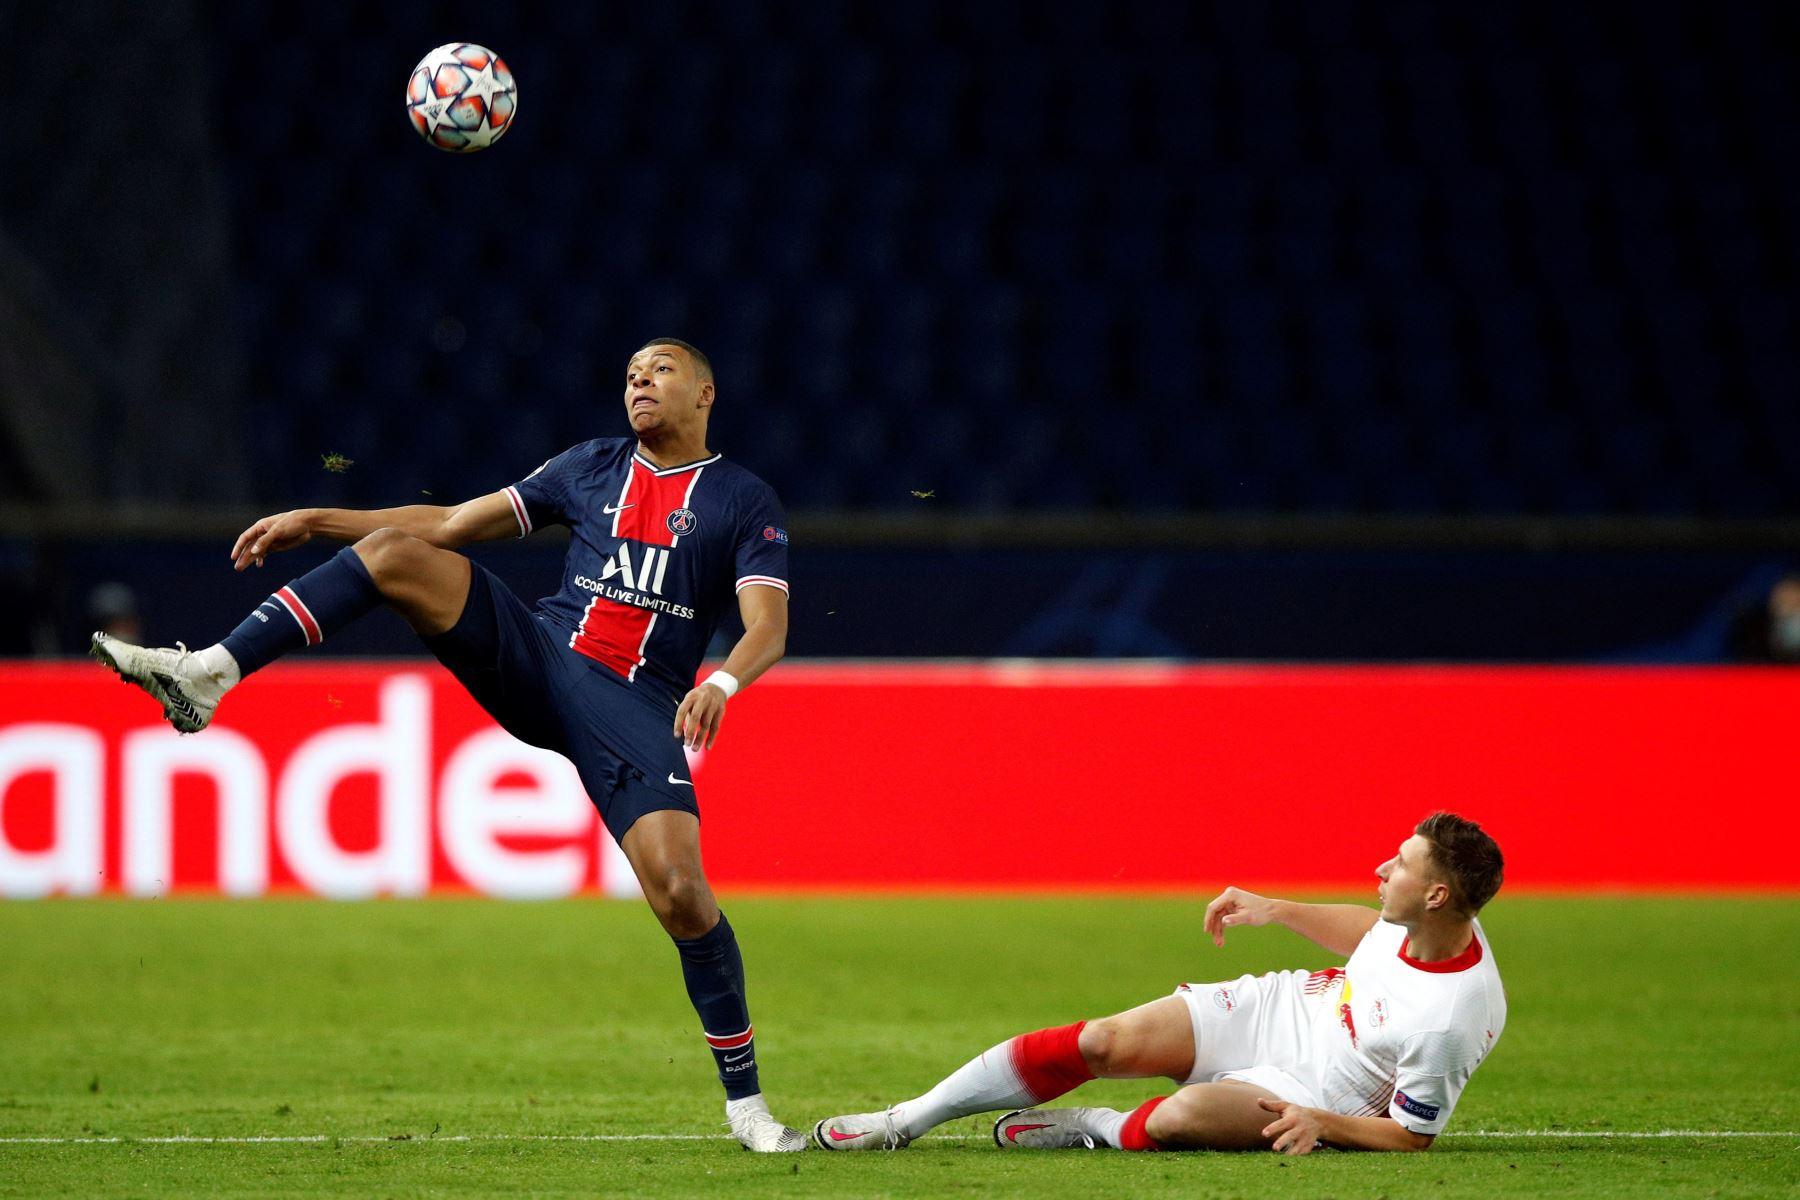 Kylian Mbappe del PSG en acción contra Willi Orban de Leipzig durante el partido de fútbol del Grupo H de la Liga de Campeones de la UEFA. Foto: EFE